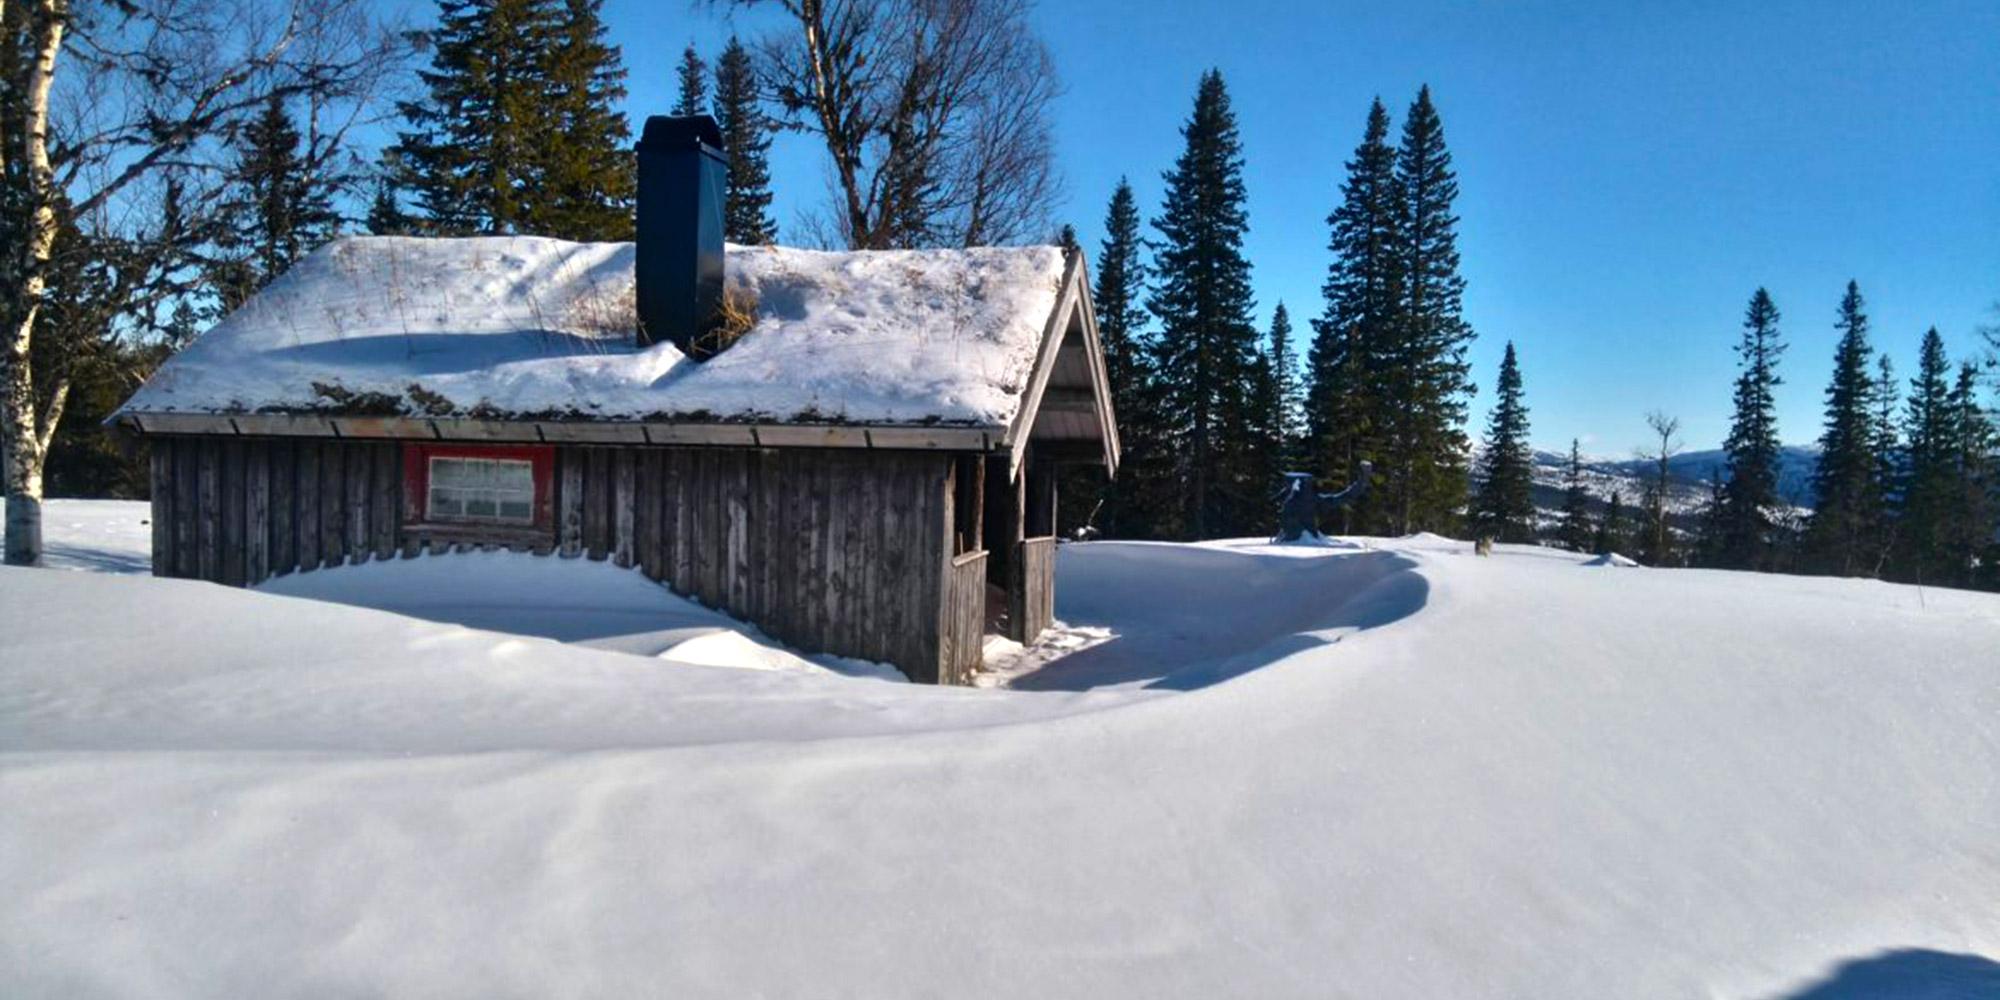 Setra Reinsjølian i Snåsafjellet, med vakker utsikt over Blåfjella-Skjækerfjella nasjonalpark. Copyright: Belbu